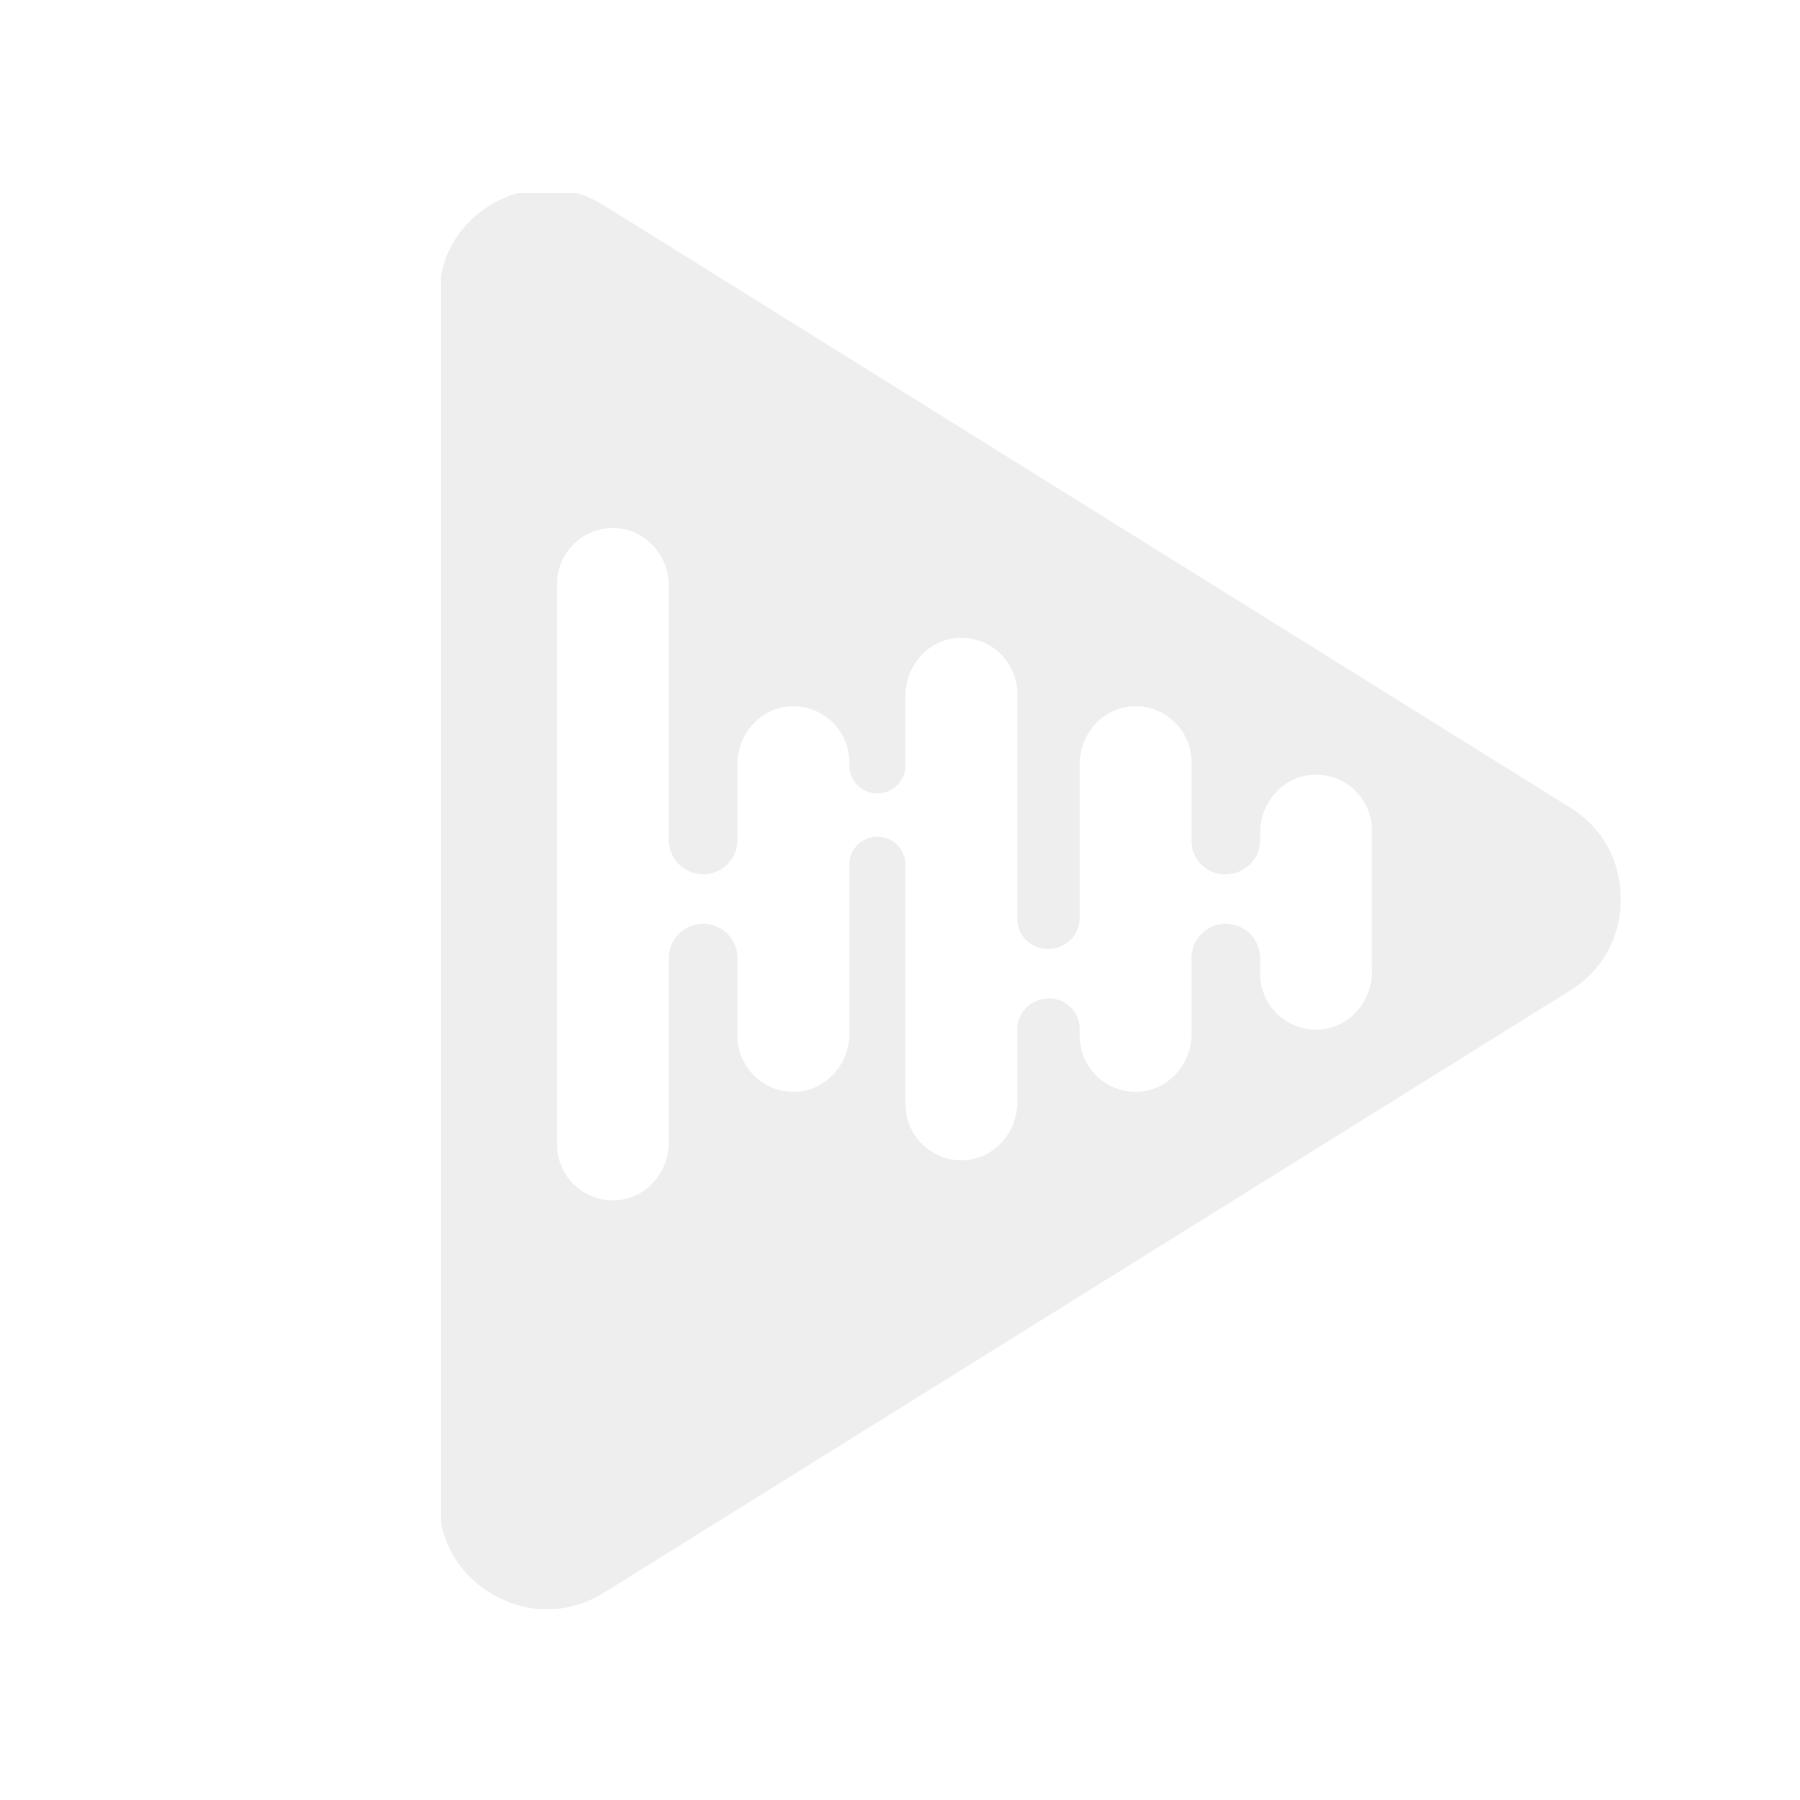 Morel ULTIMO TI 802 - DEMO